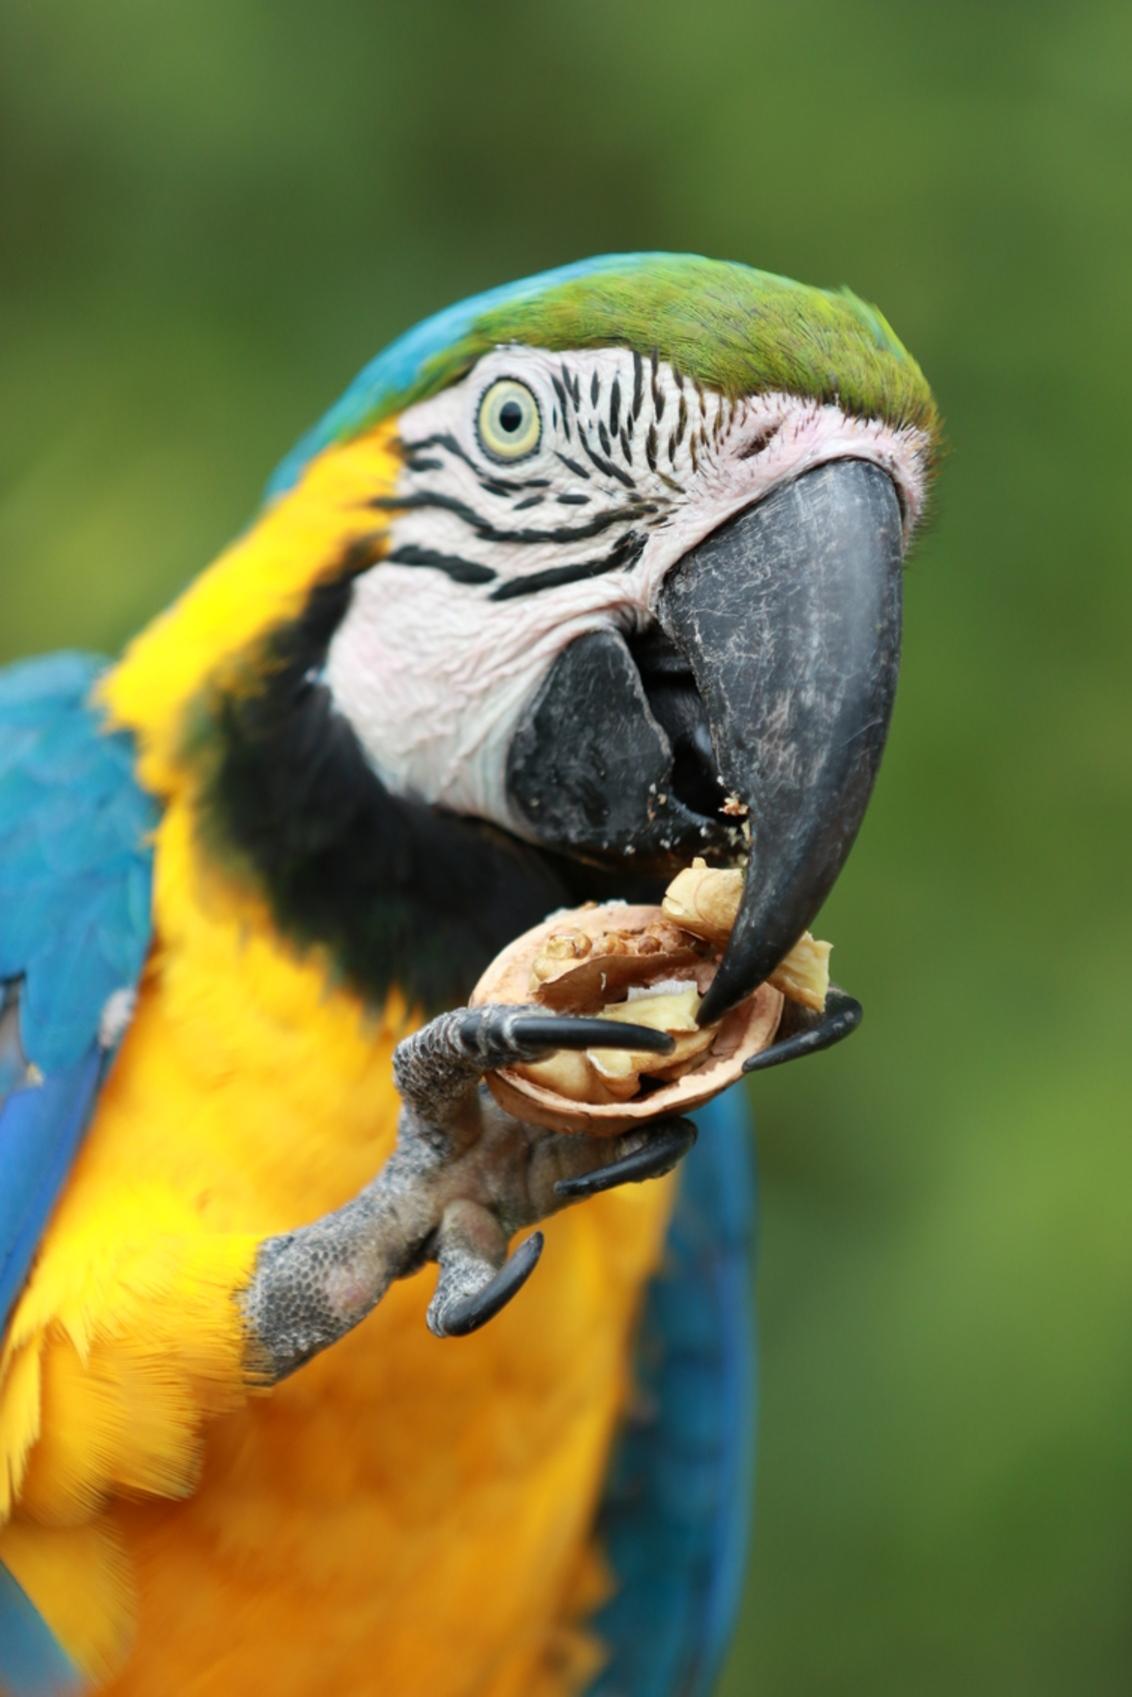 Parrot Cerza France - - - foto door VosL op 19-08-2019 - deze foto bevat: dierentuin, vogel